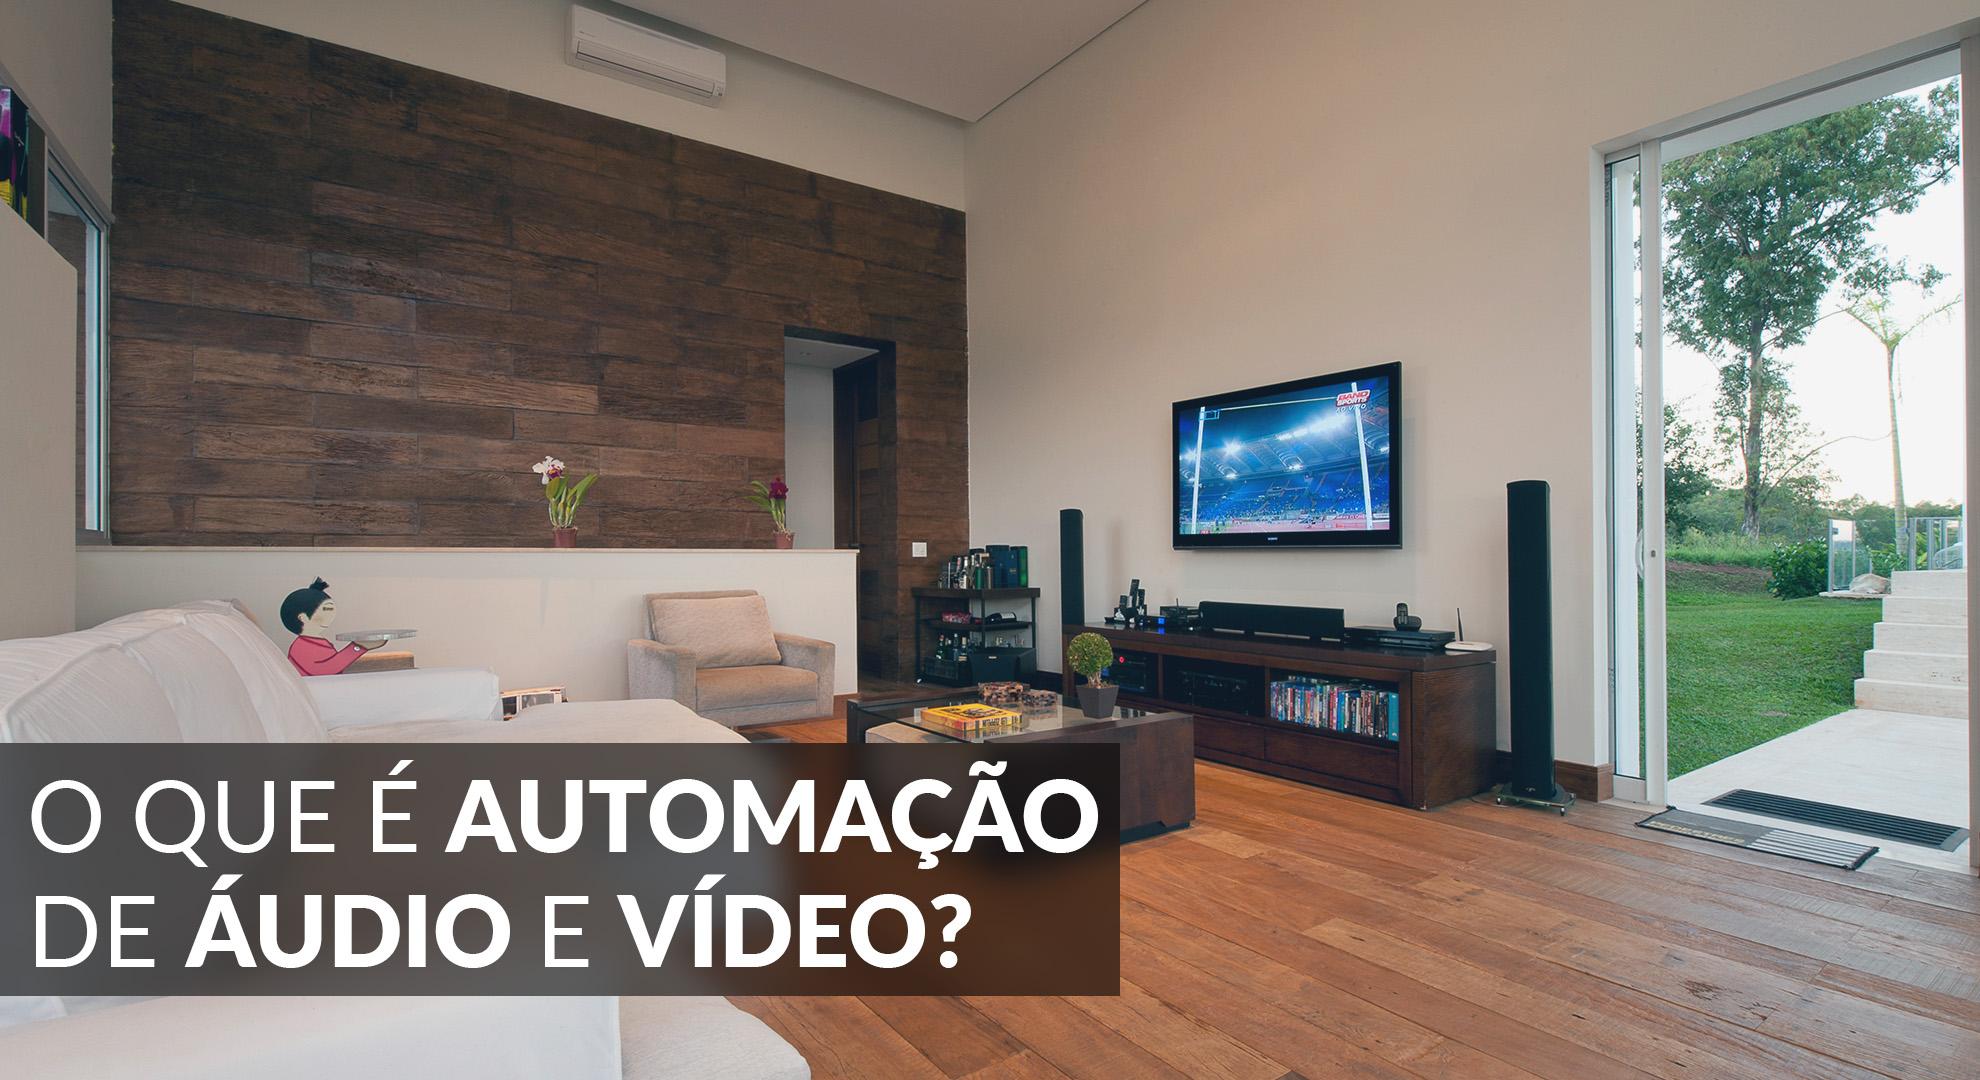 O Que É Automação de Áudio e Vídeo?